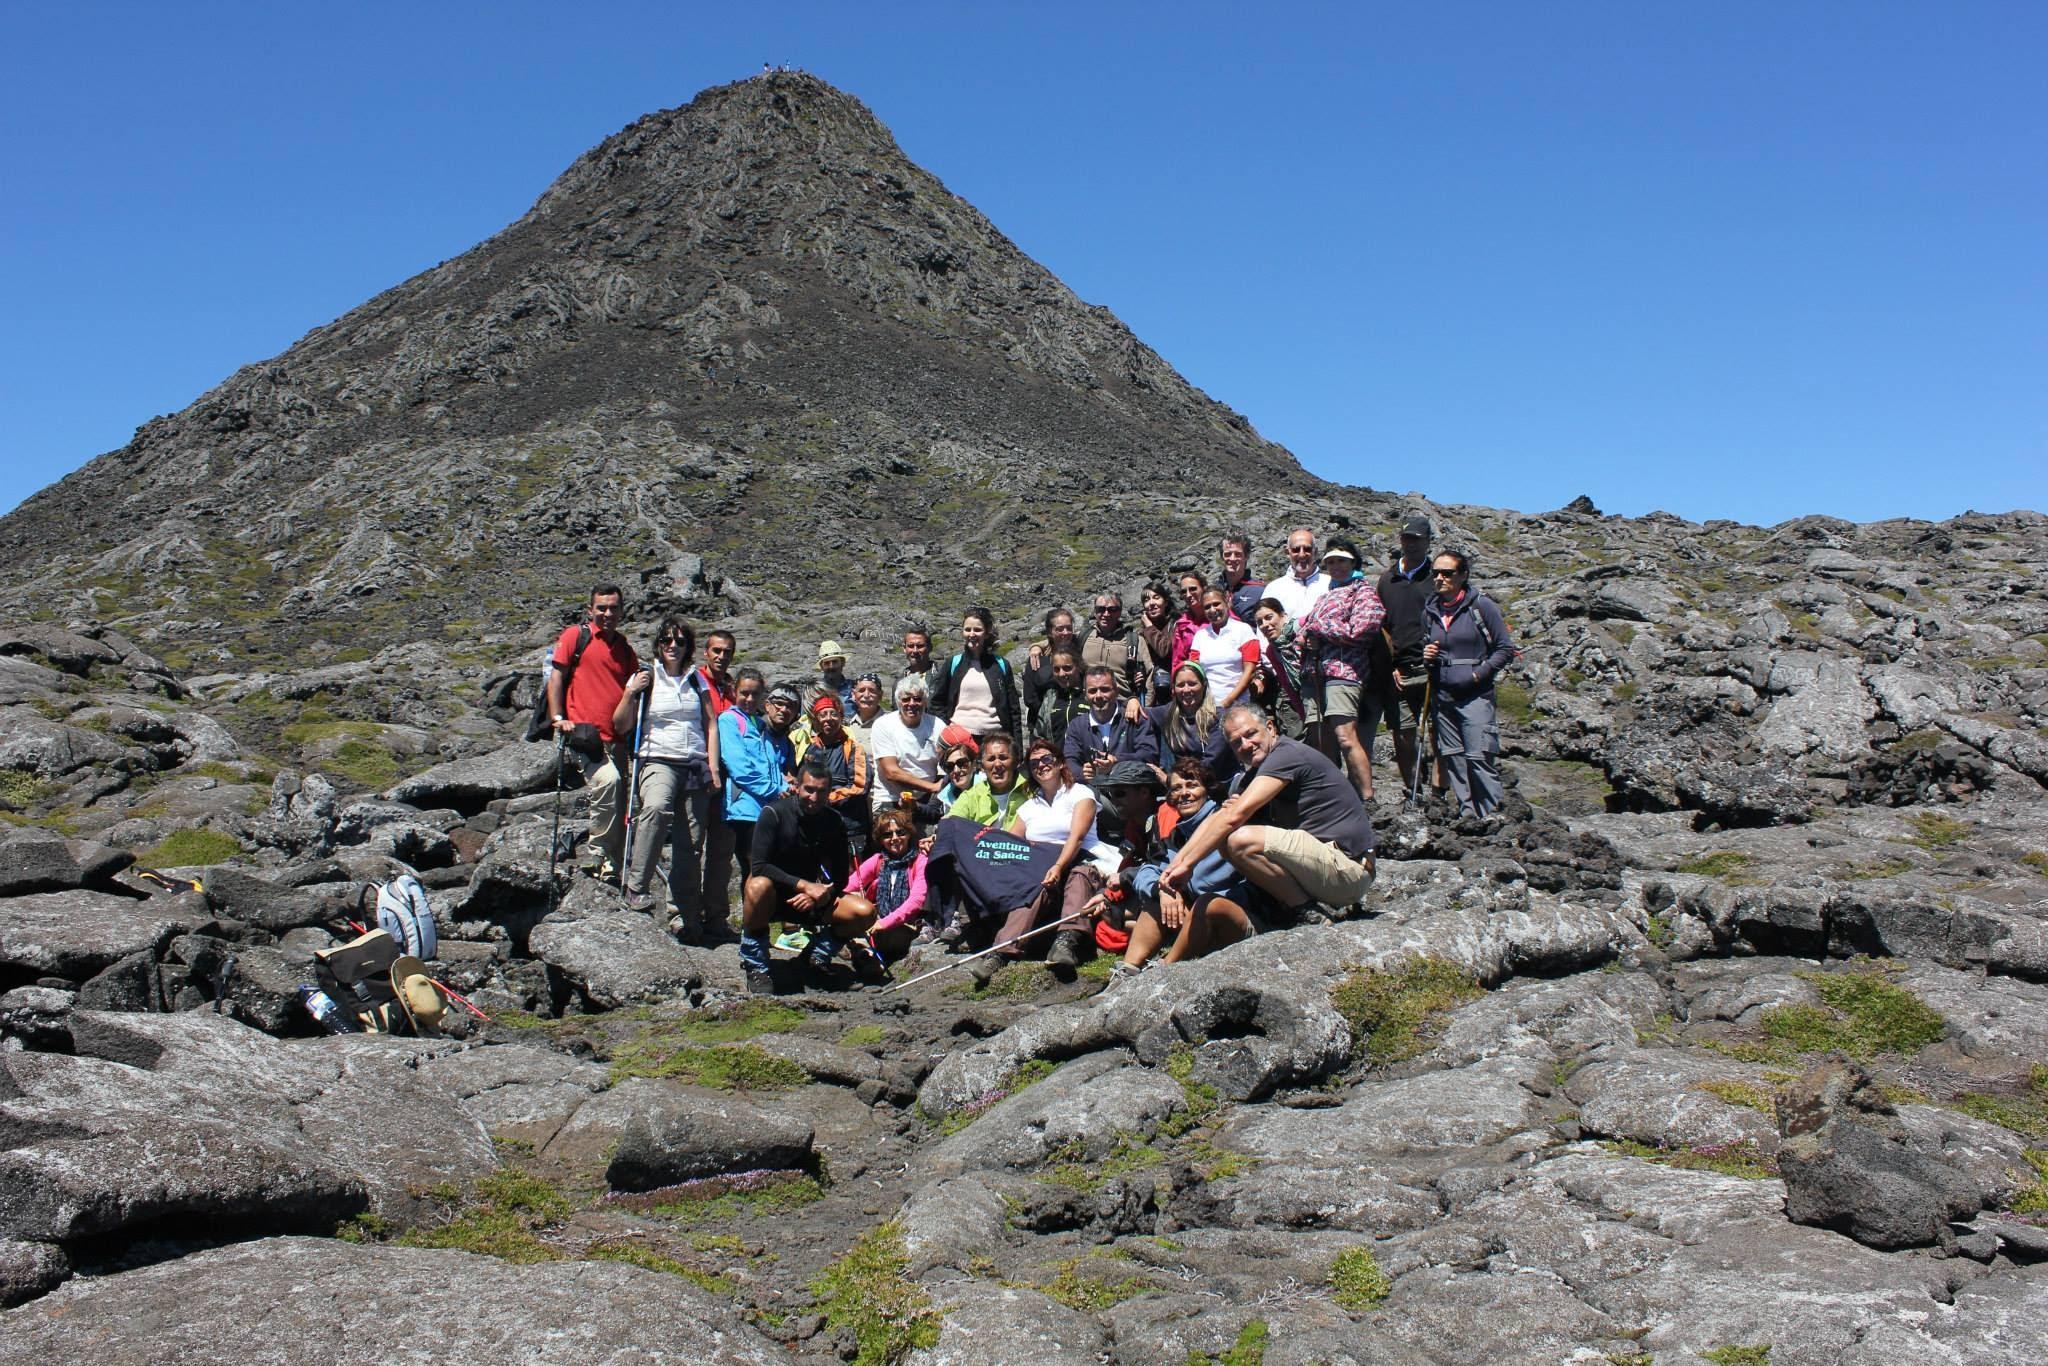 Subir Montanha do Pico - Ilha do Pico, Açores